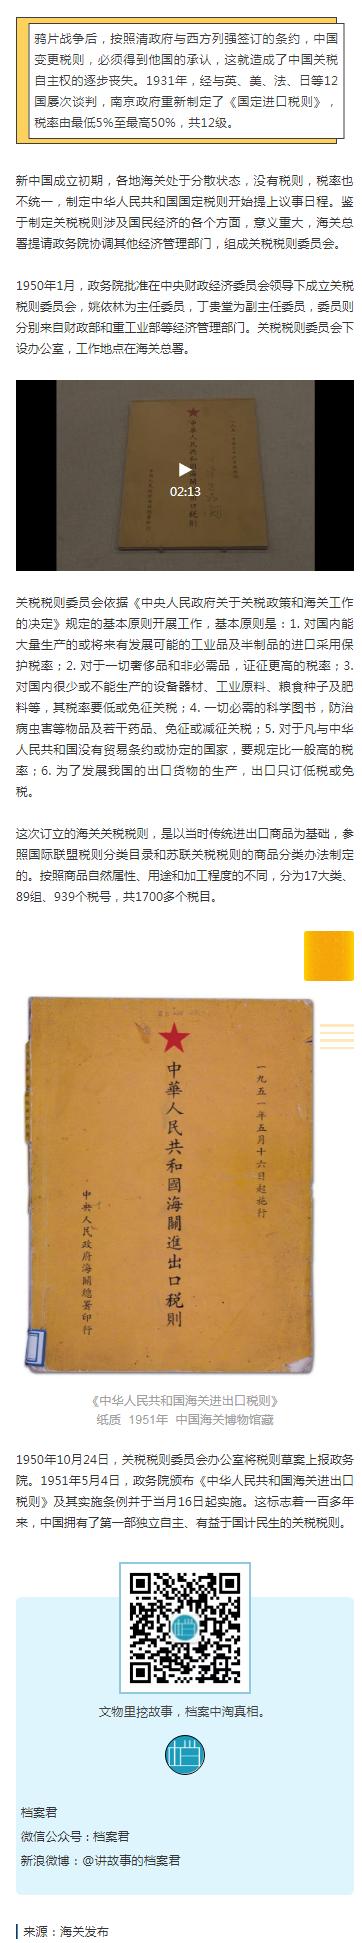 历史看点 | 新中国首部关税税则